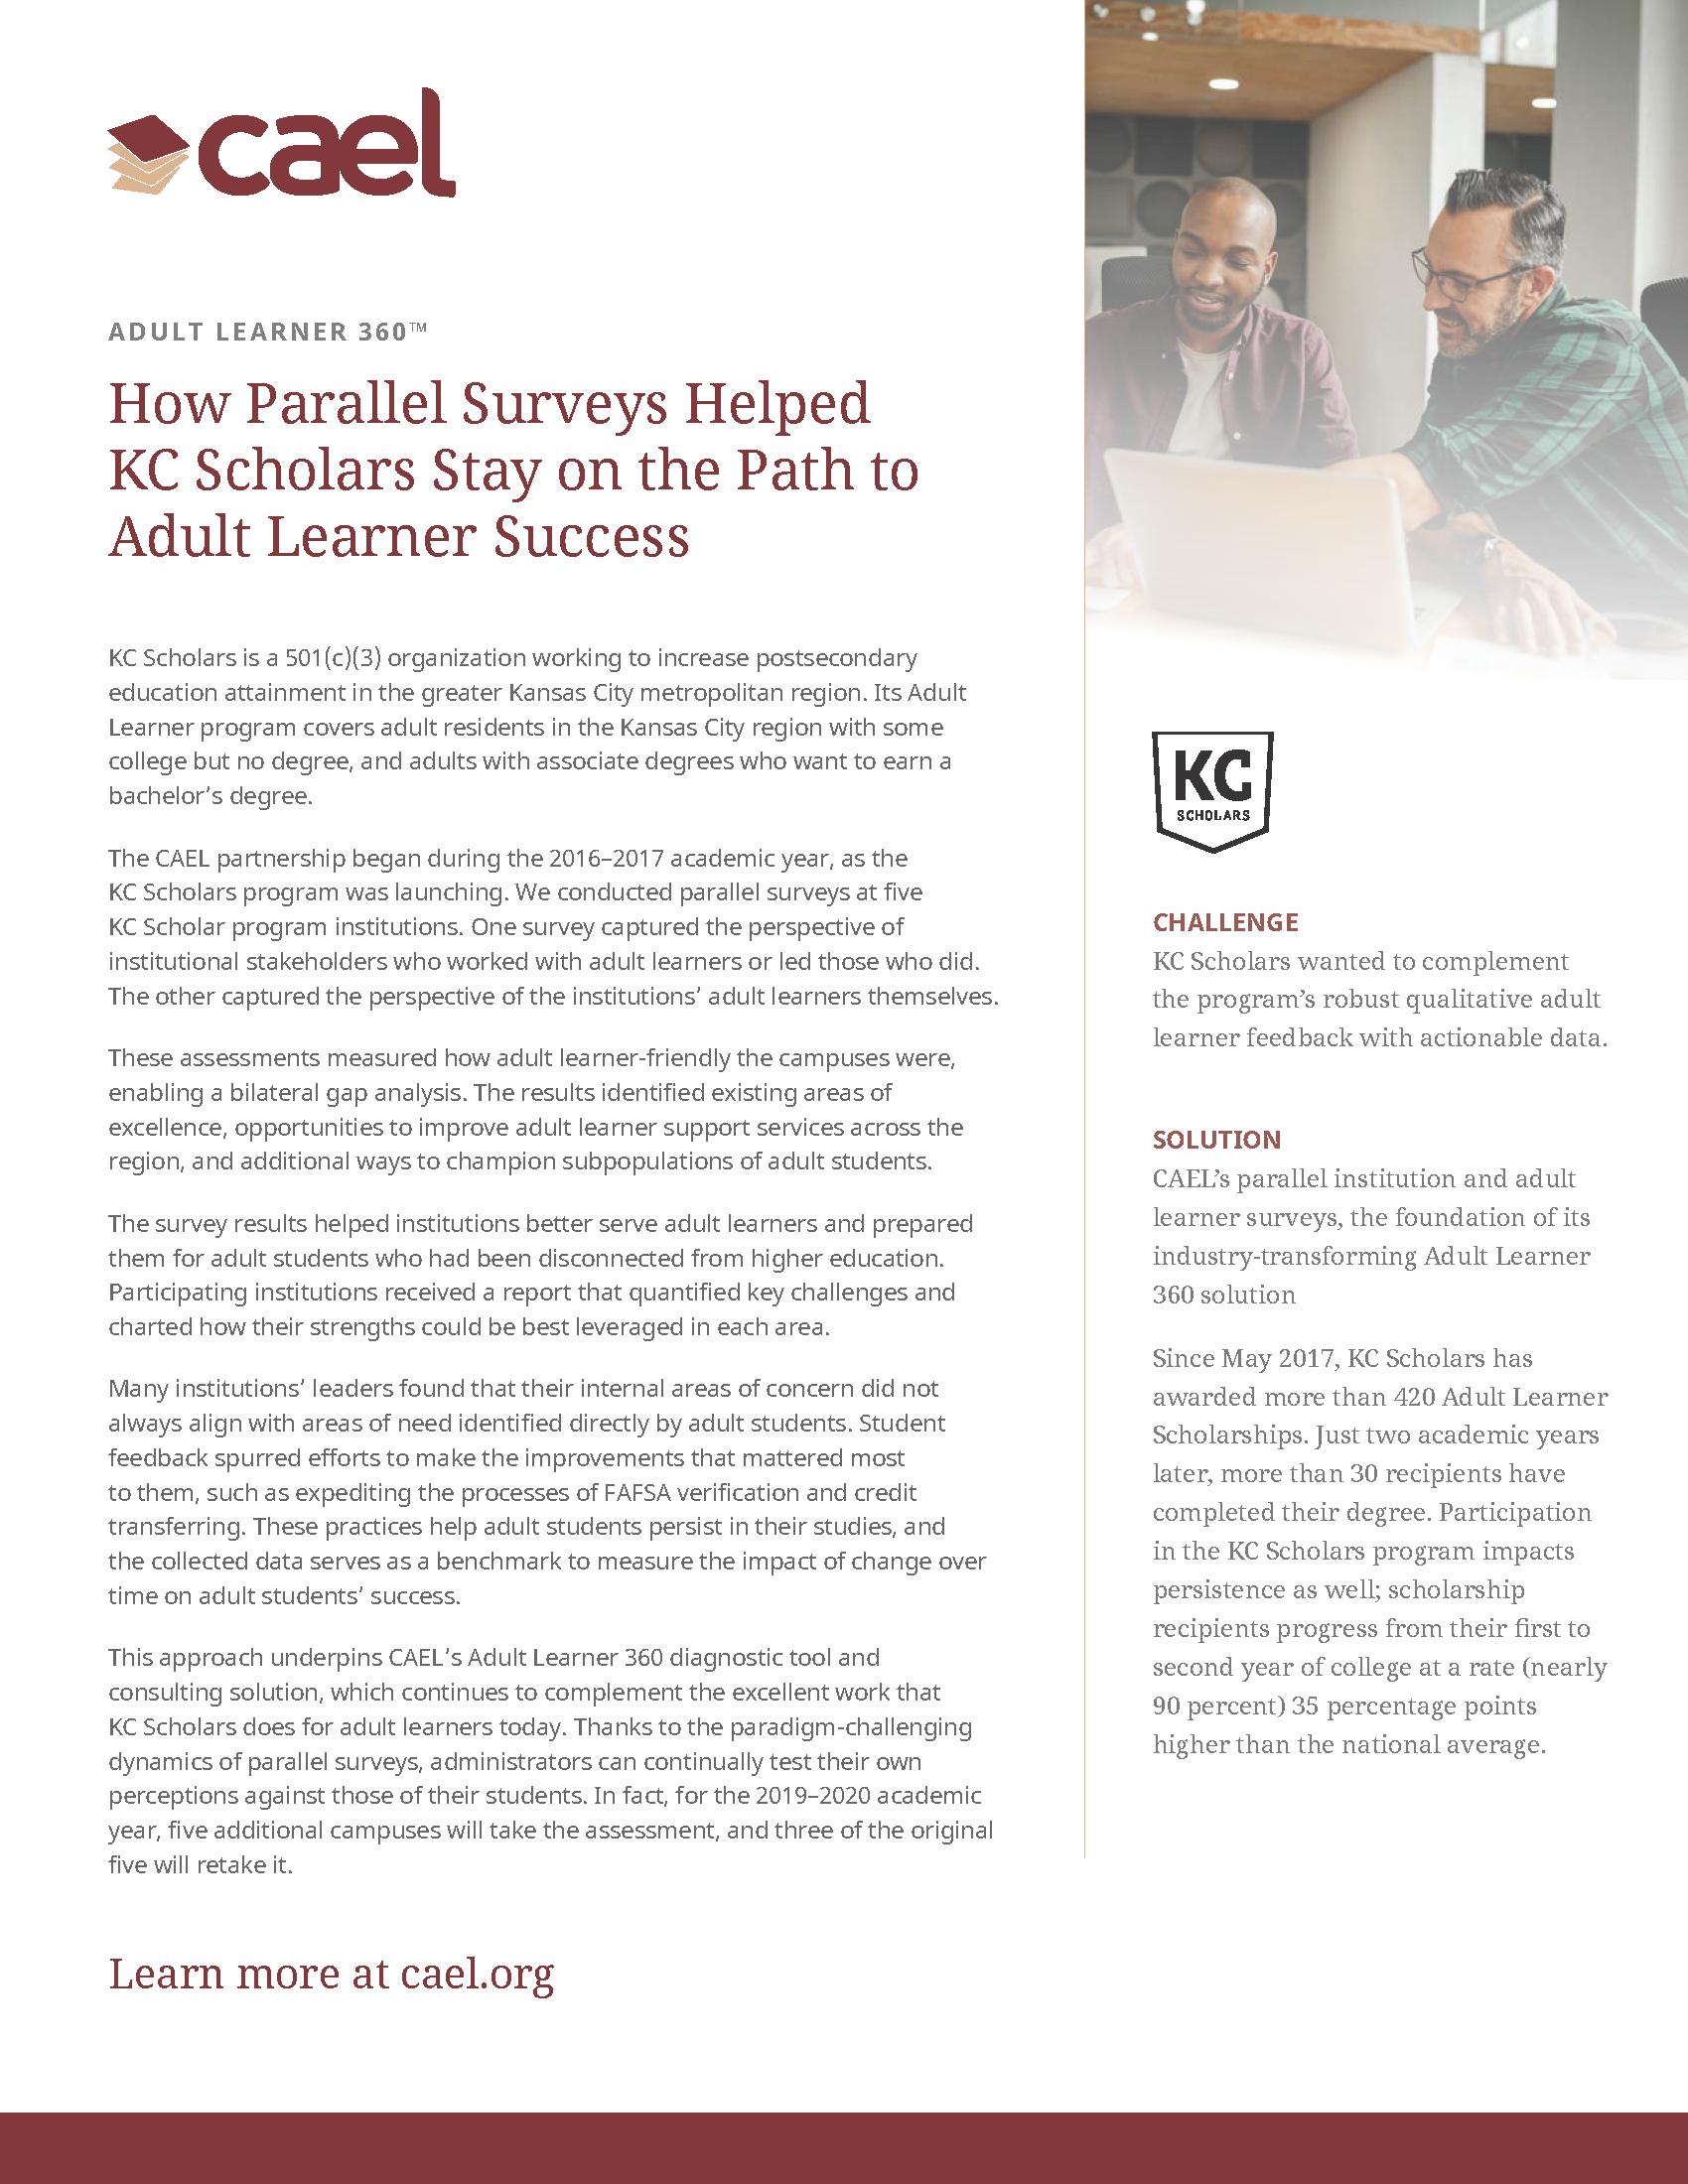 kc-scholars-case-study-cover-1